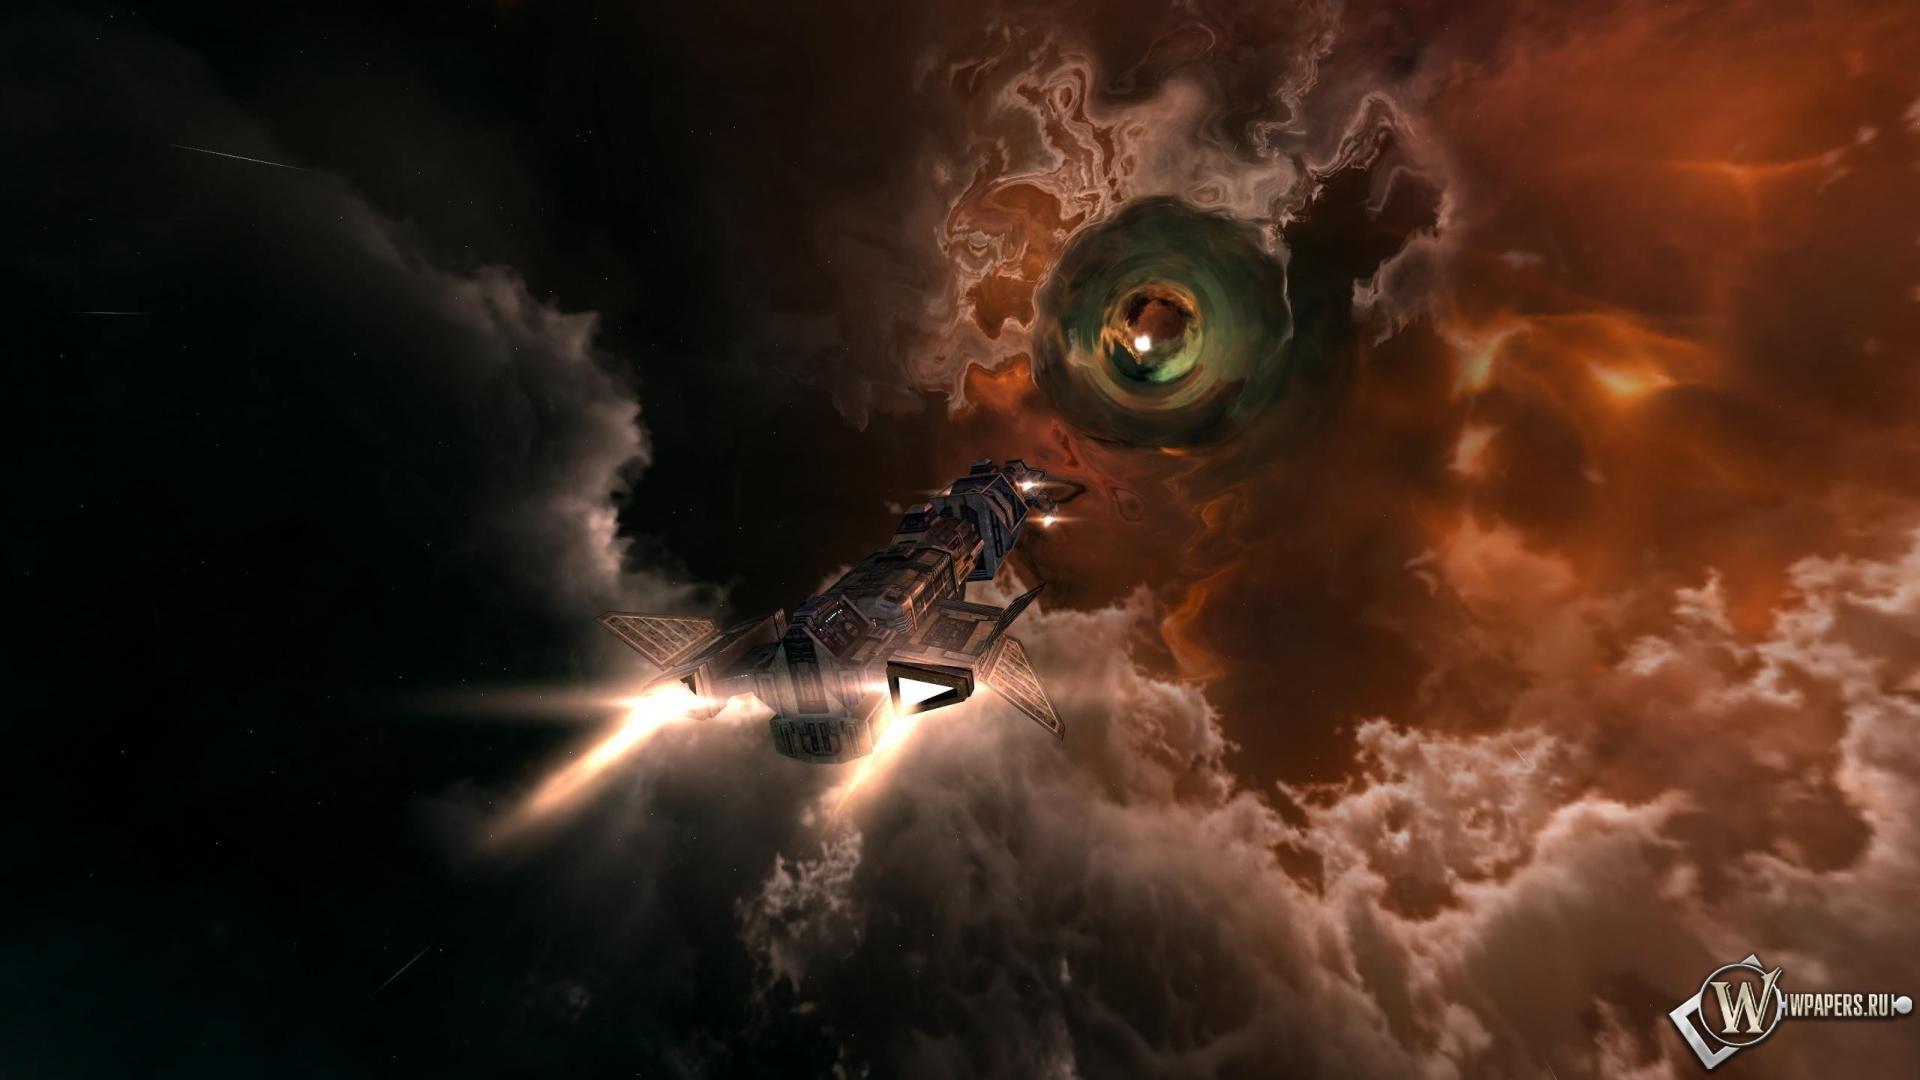 Обои взлетающий космический корабль